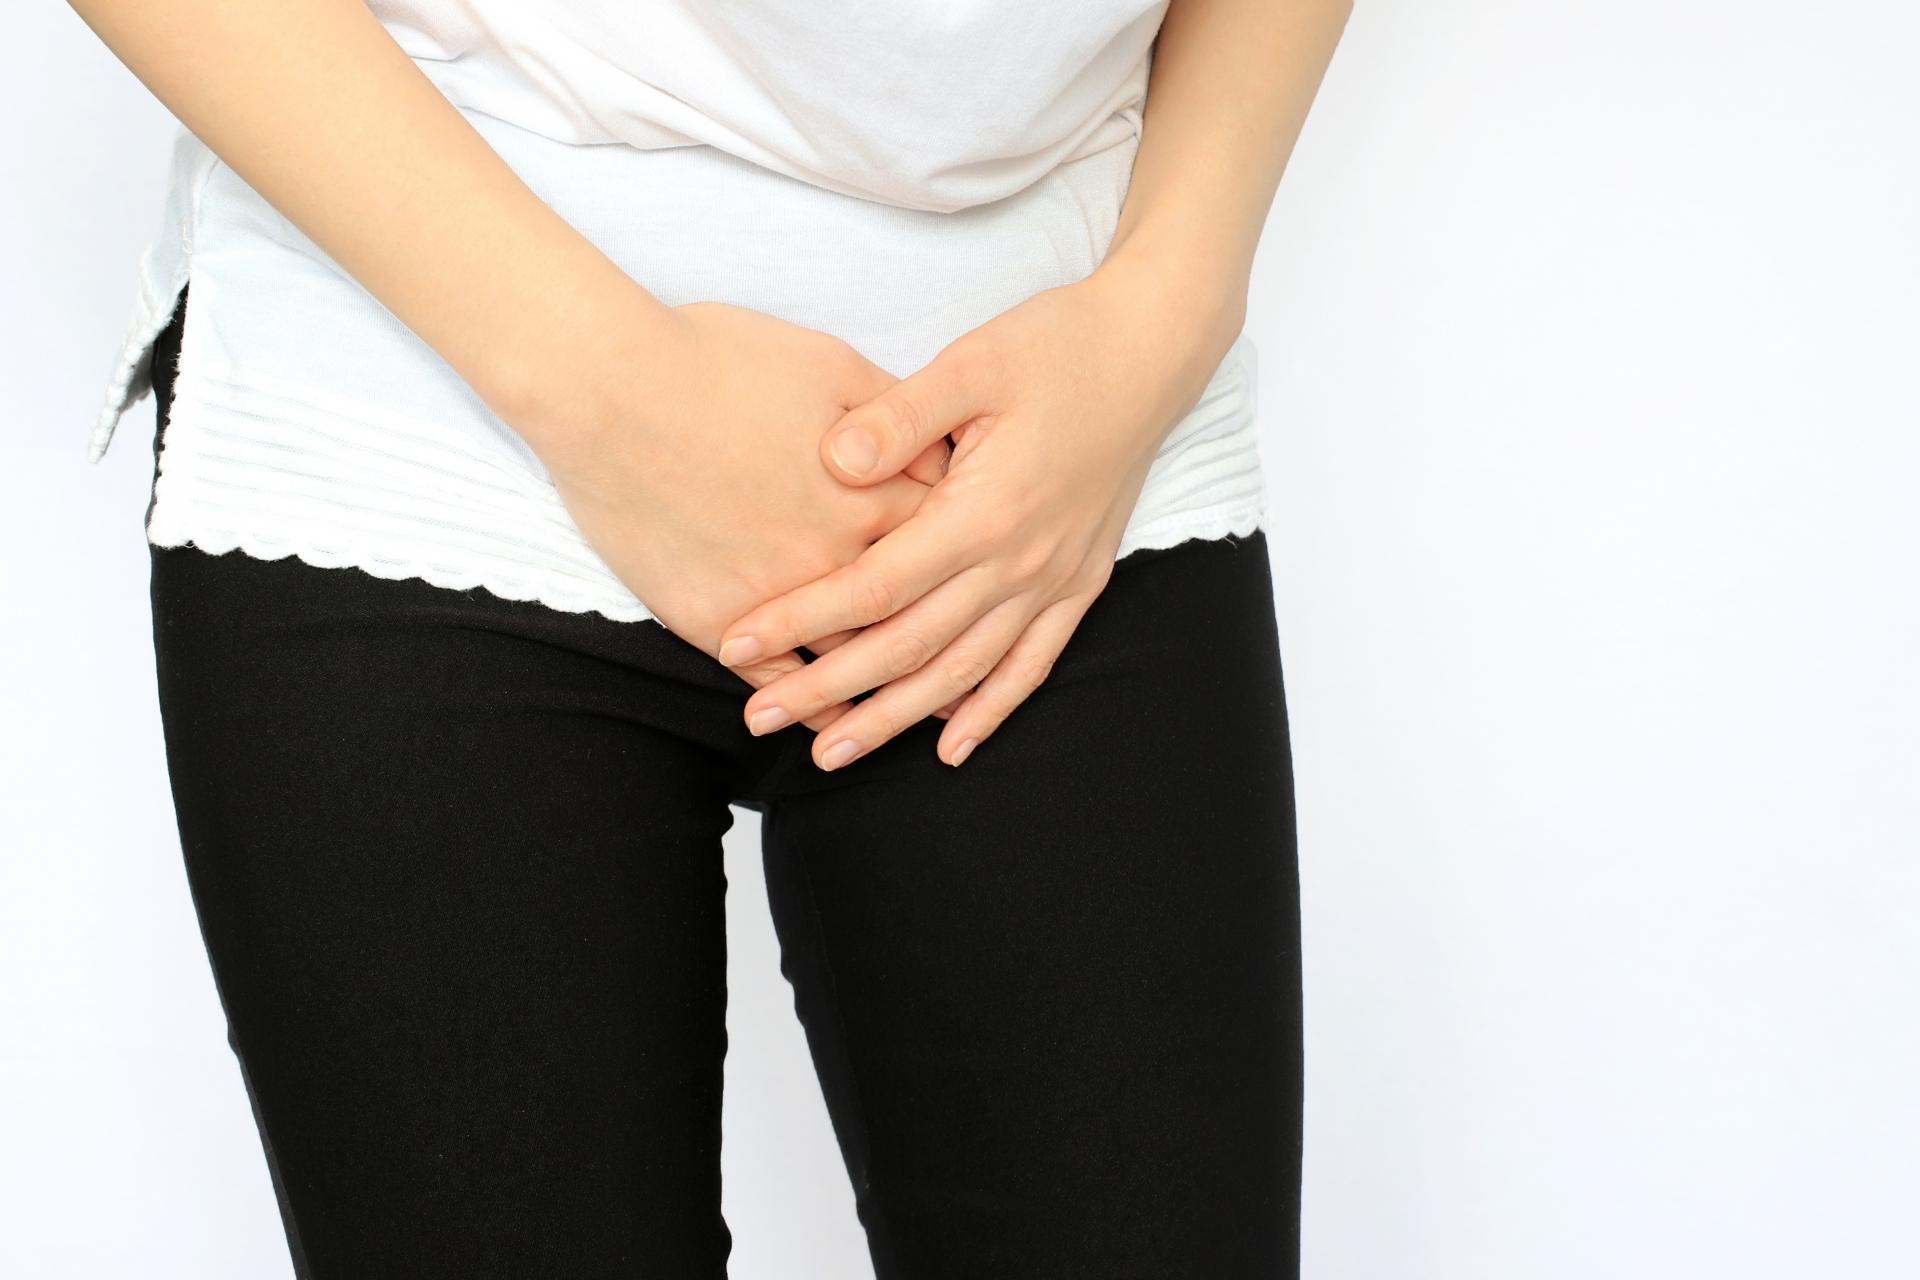 産後の尿もれの原因と対処法について解説